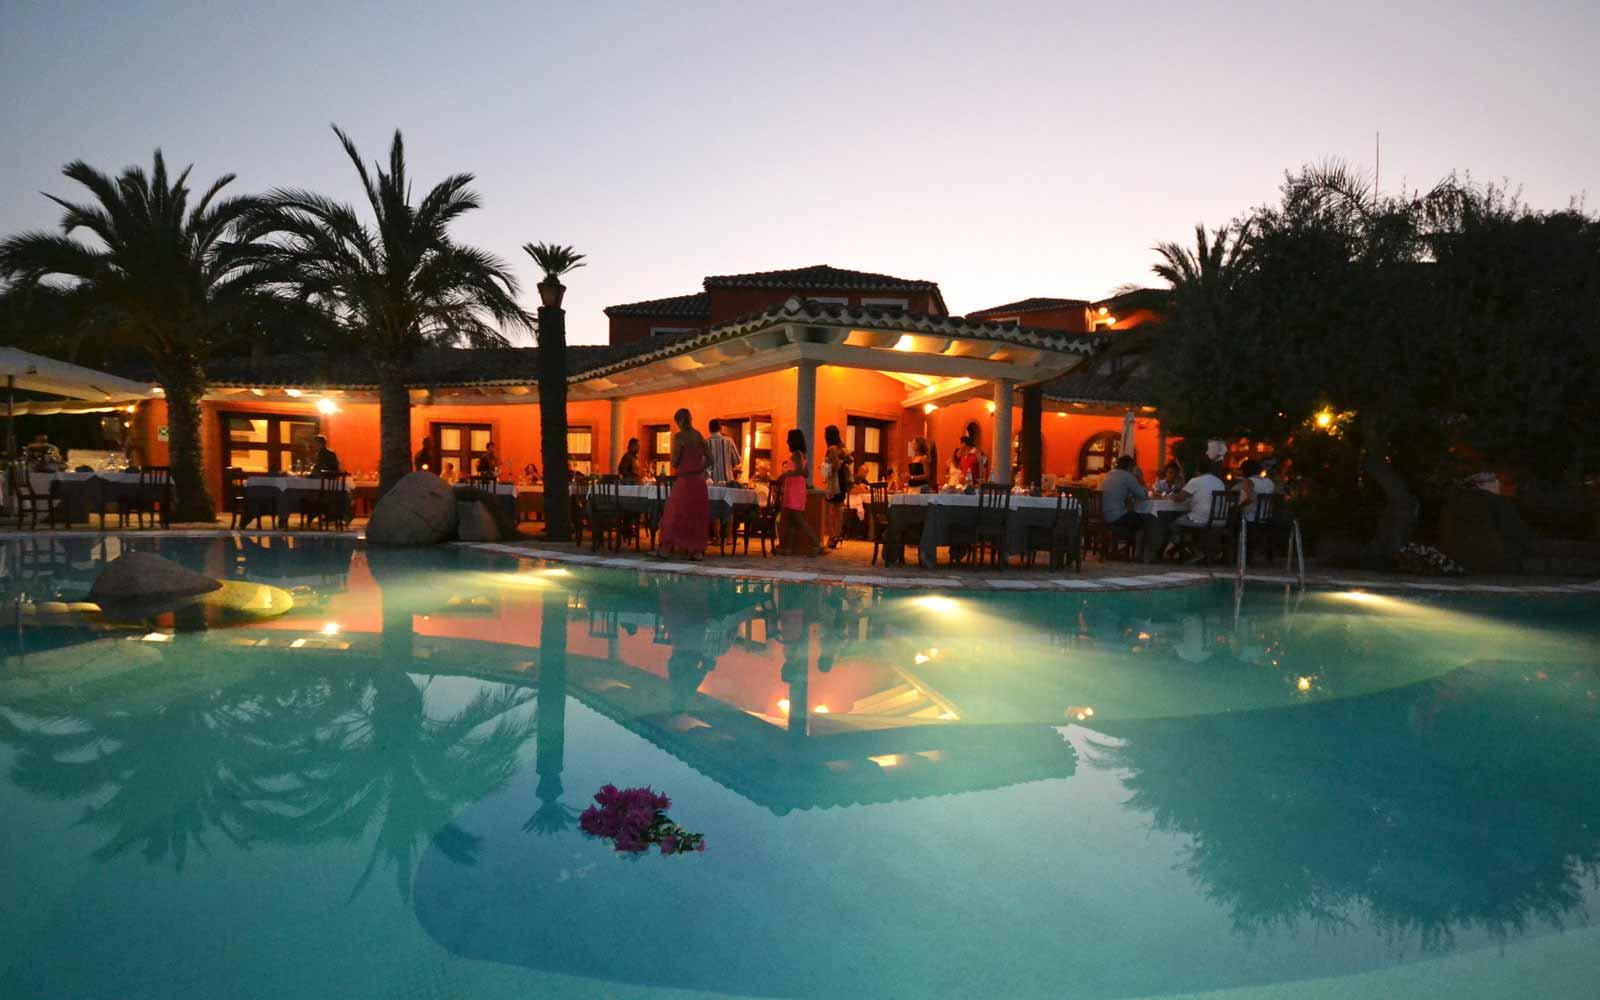 Galanias Hotel at night